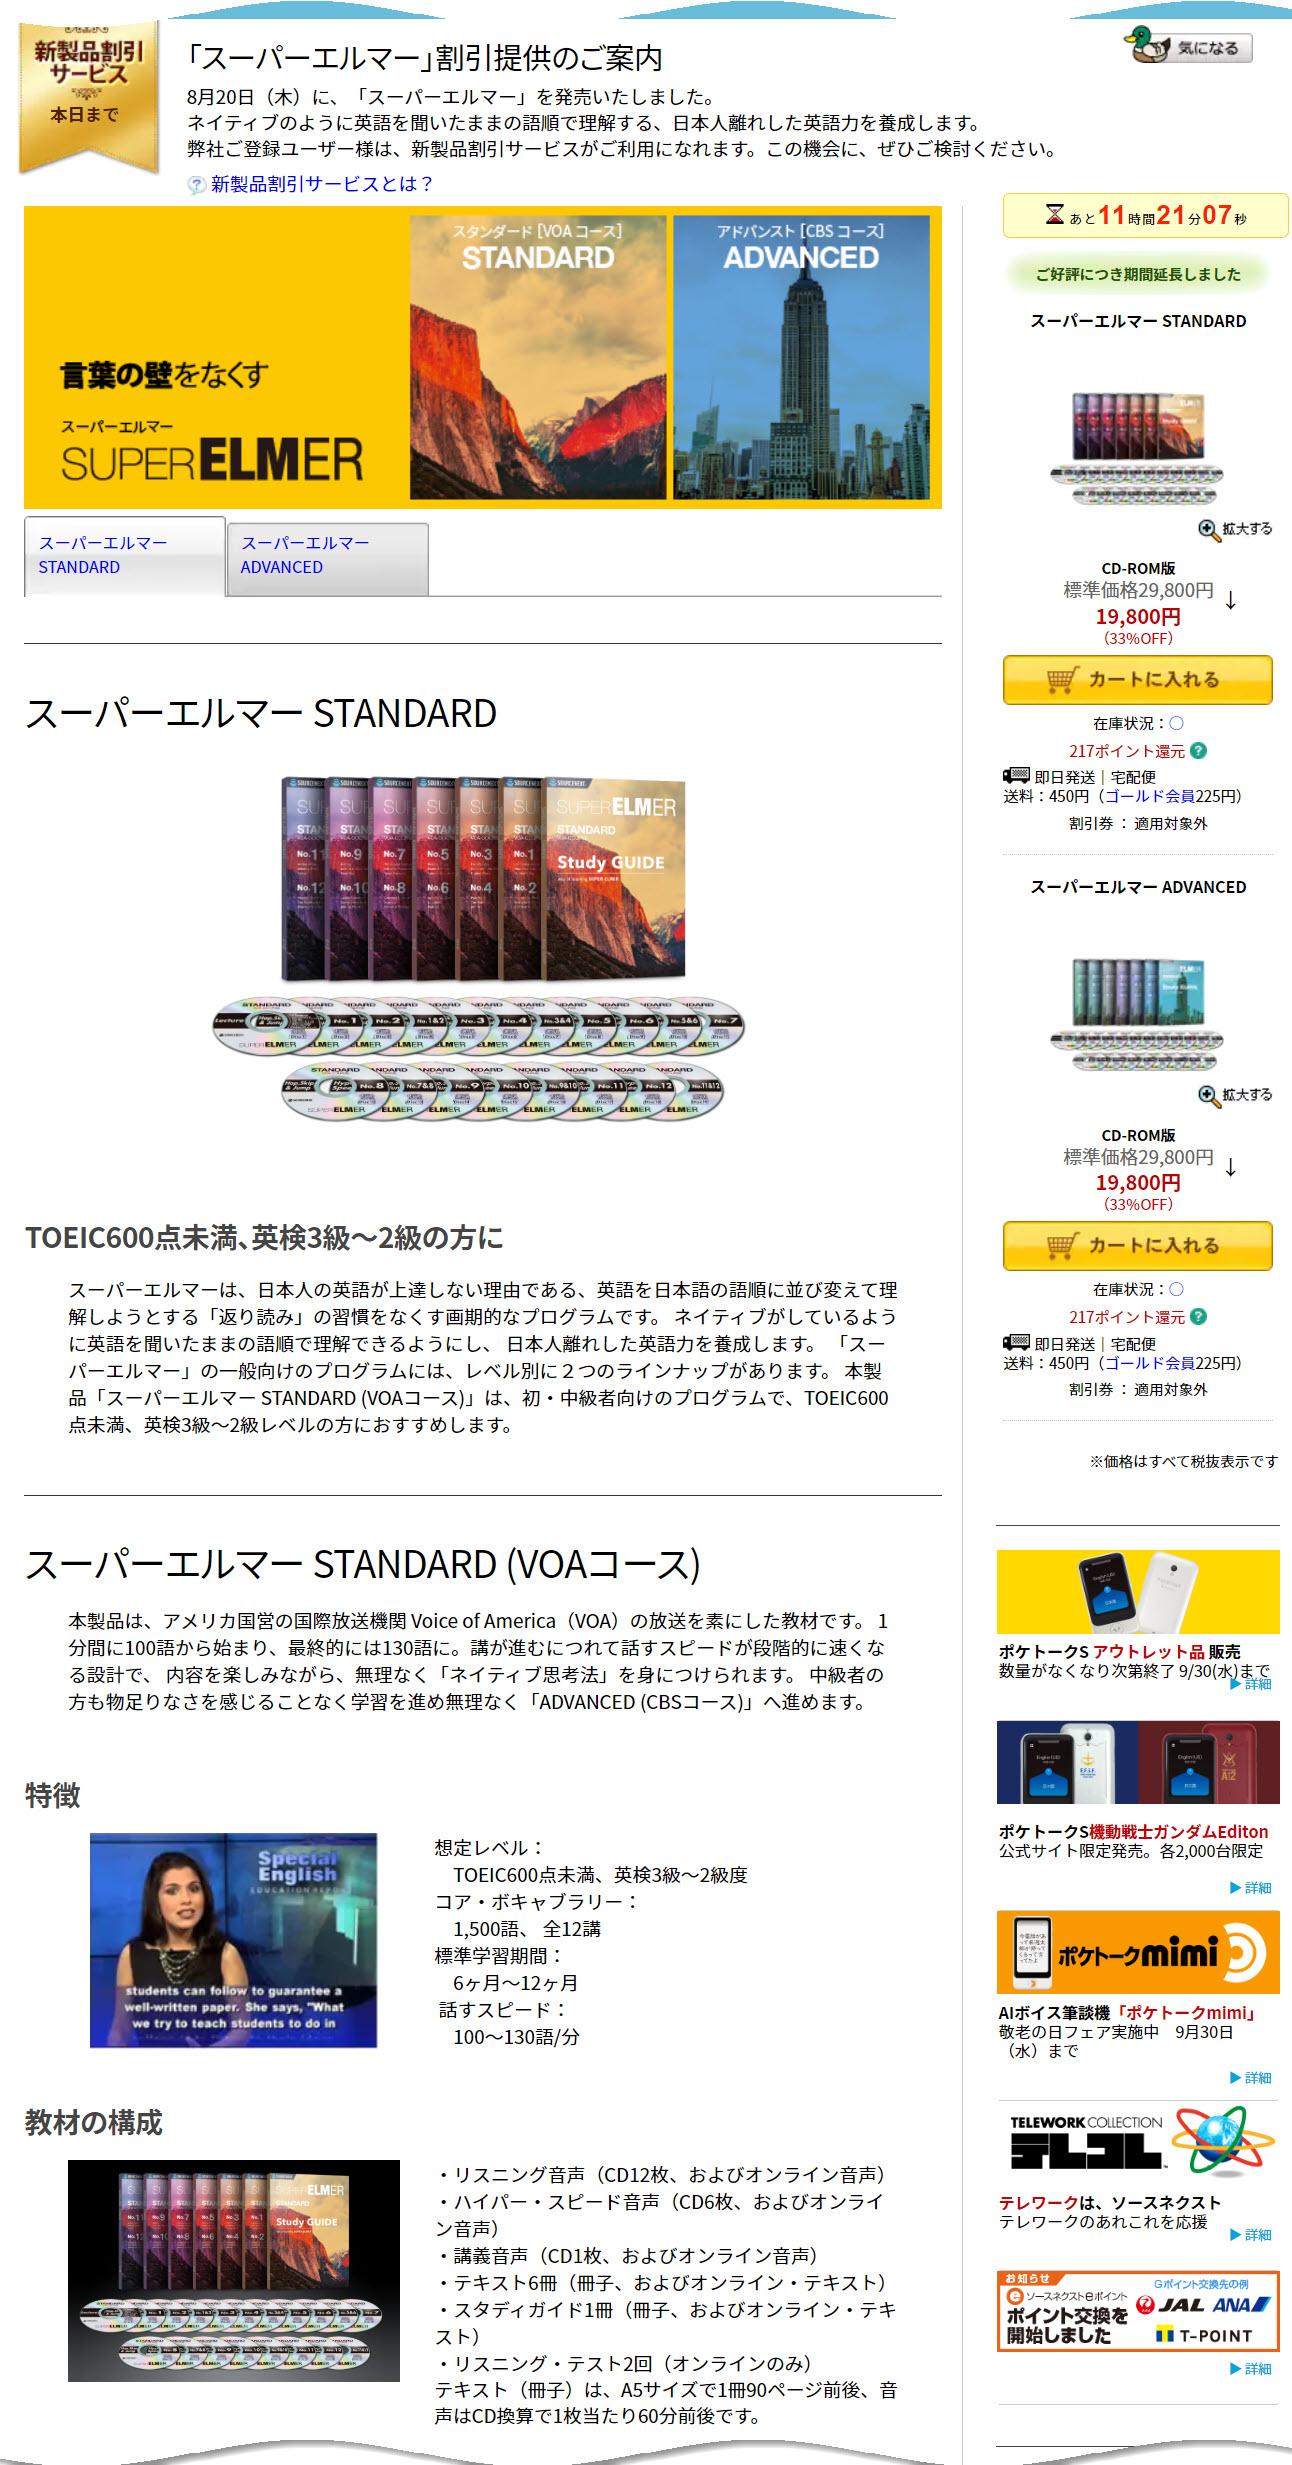 語学学習「スーパーエルマー」シリーズが19,800円!